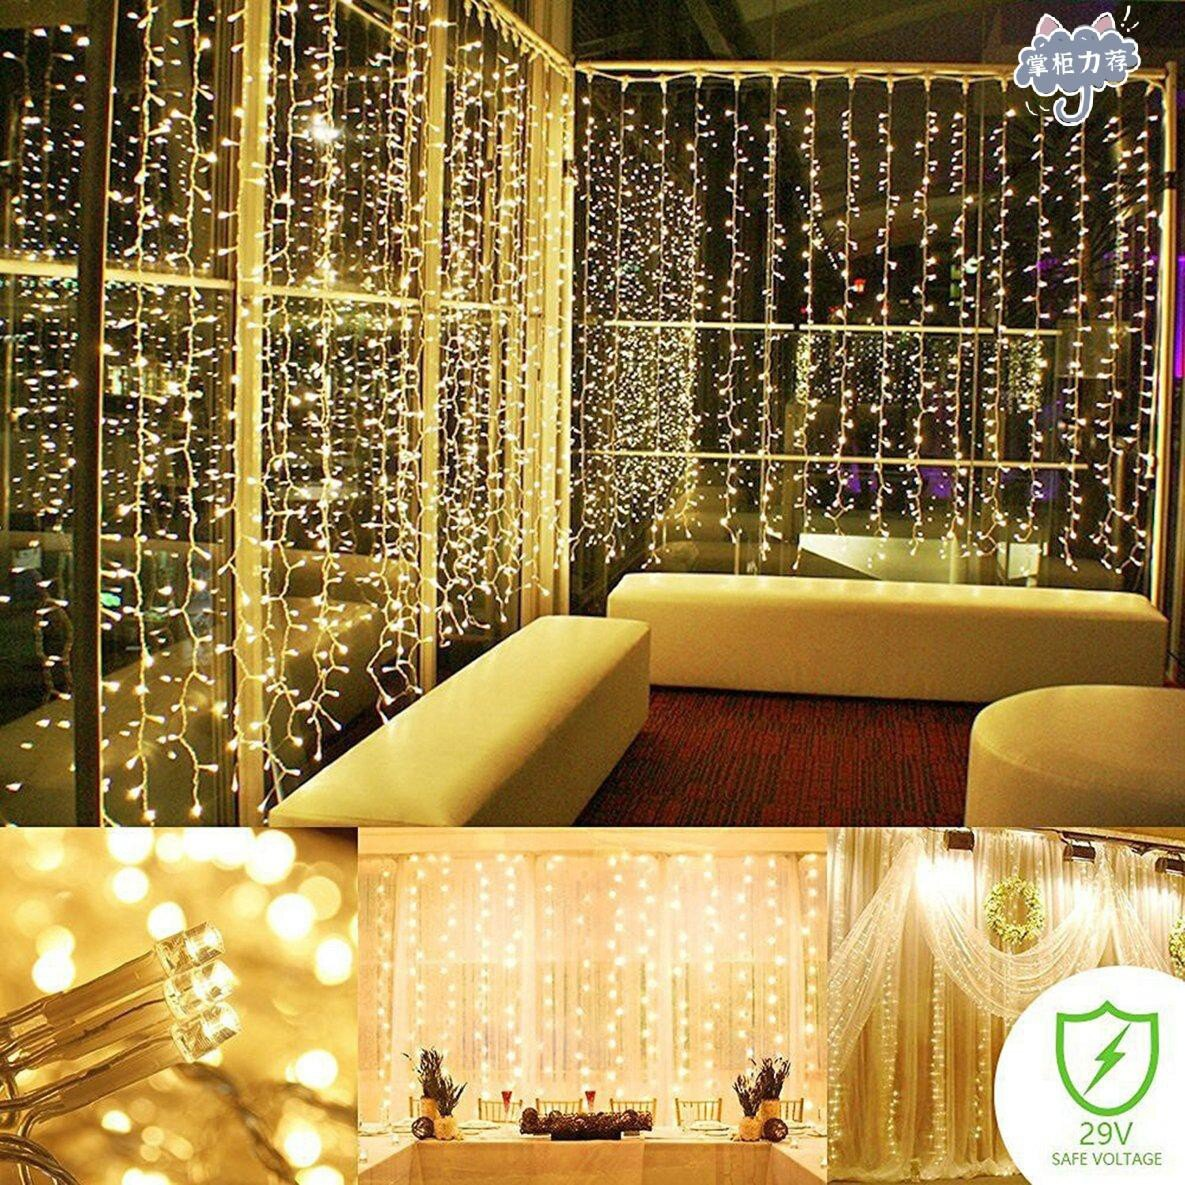 【全館免運】裝修聖誕節燈籠門簾燈籠婚禮燈新品上架 限時特惠